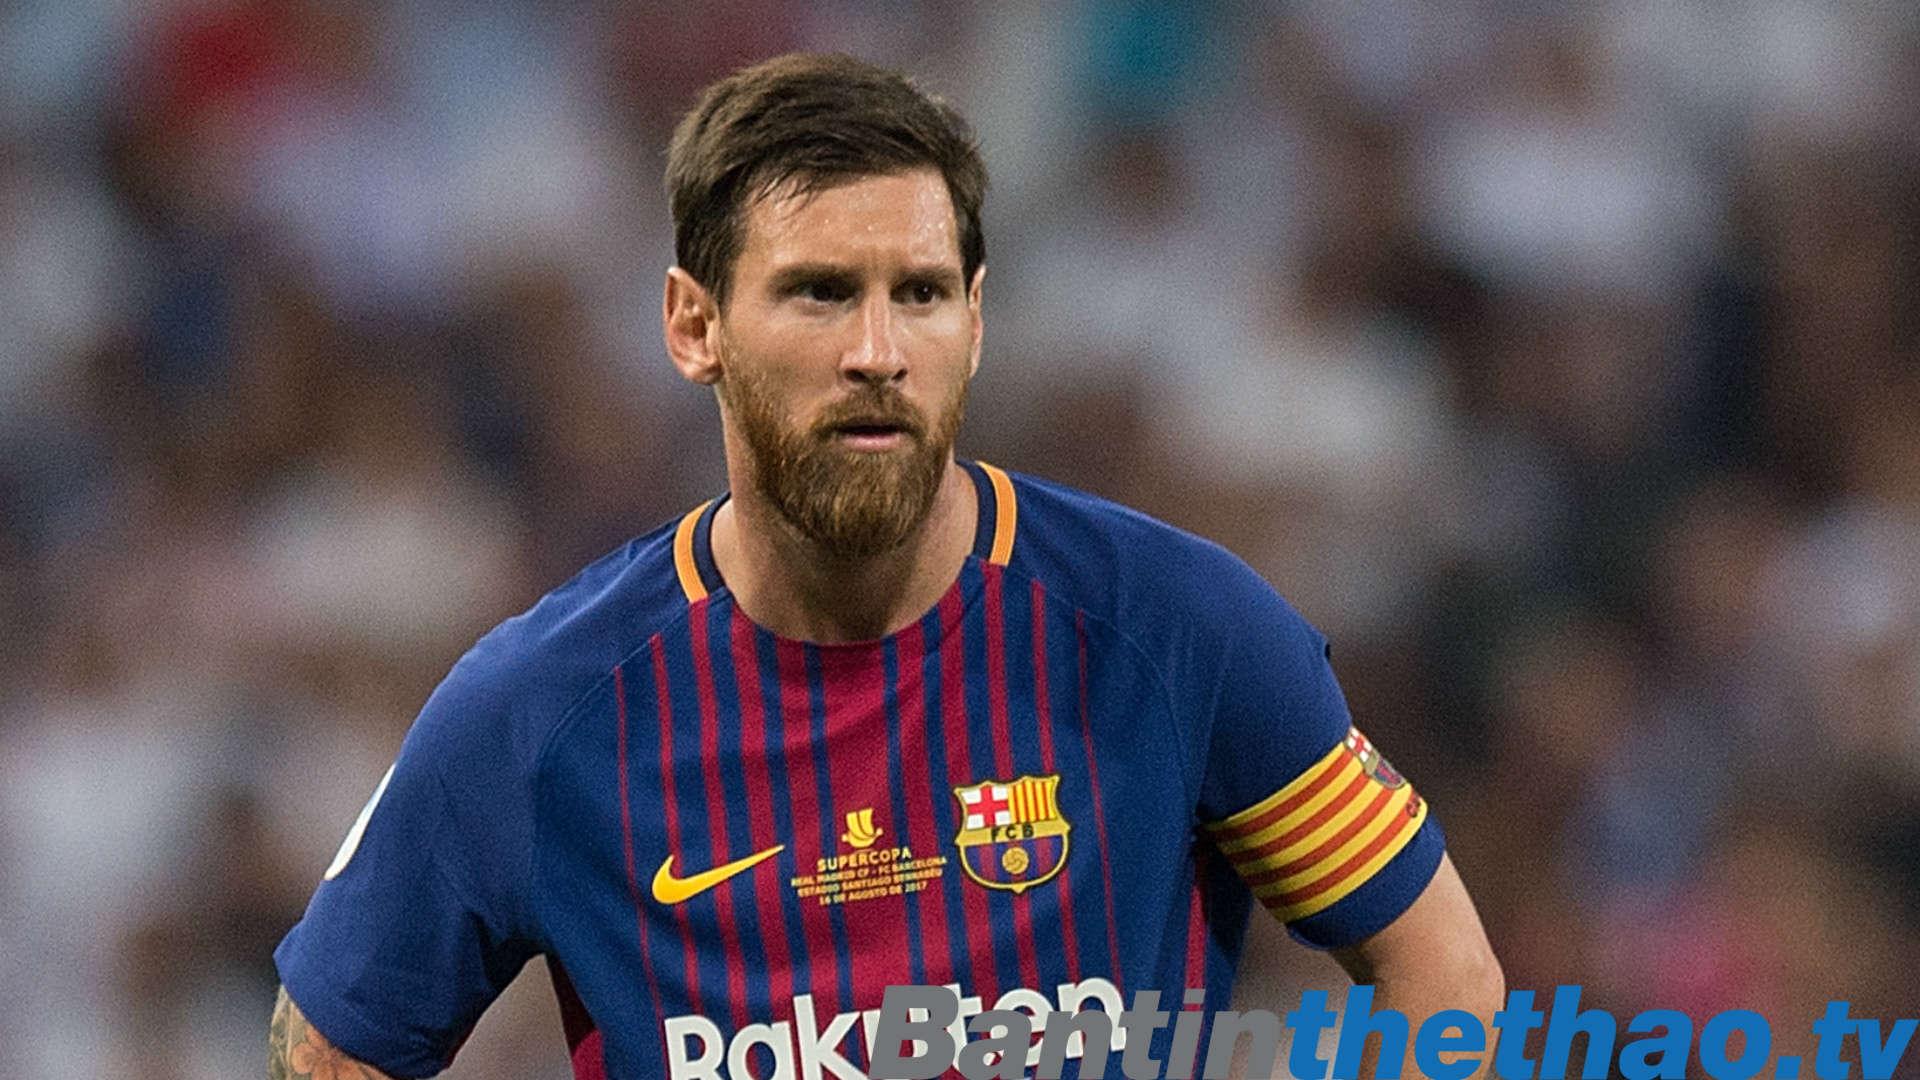 Messi đang chơi cho Barca dưới hình thức bản đồng mới mà anh và Barca đã thỏa thuận